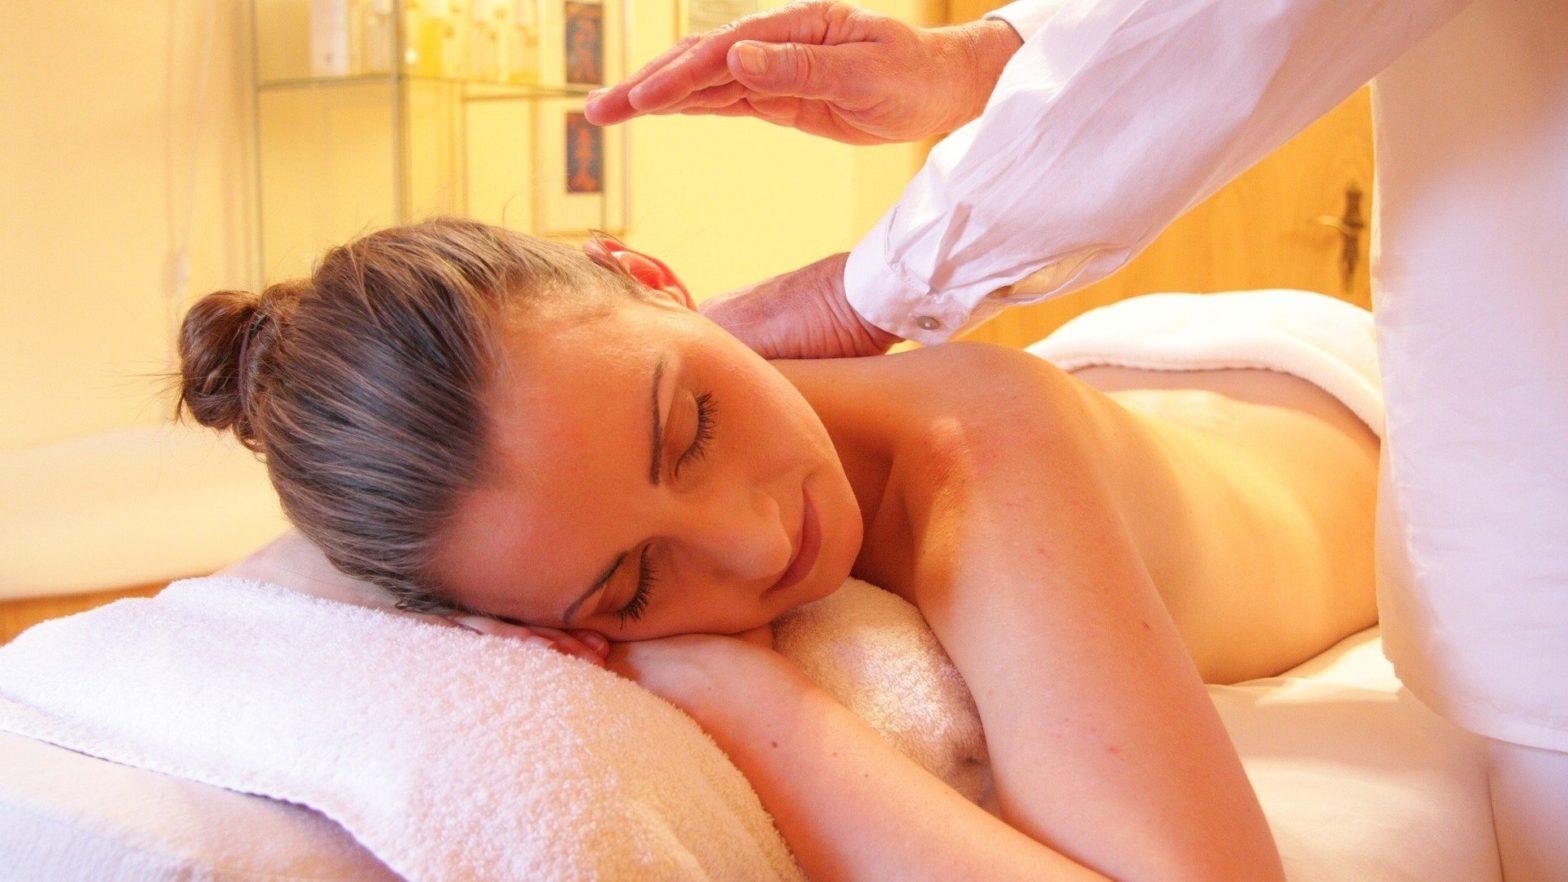 Mulher deitada recebendo massagem modeladora de uma profissional em uma clinica estética.